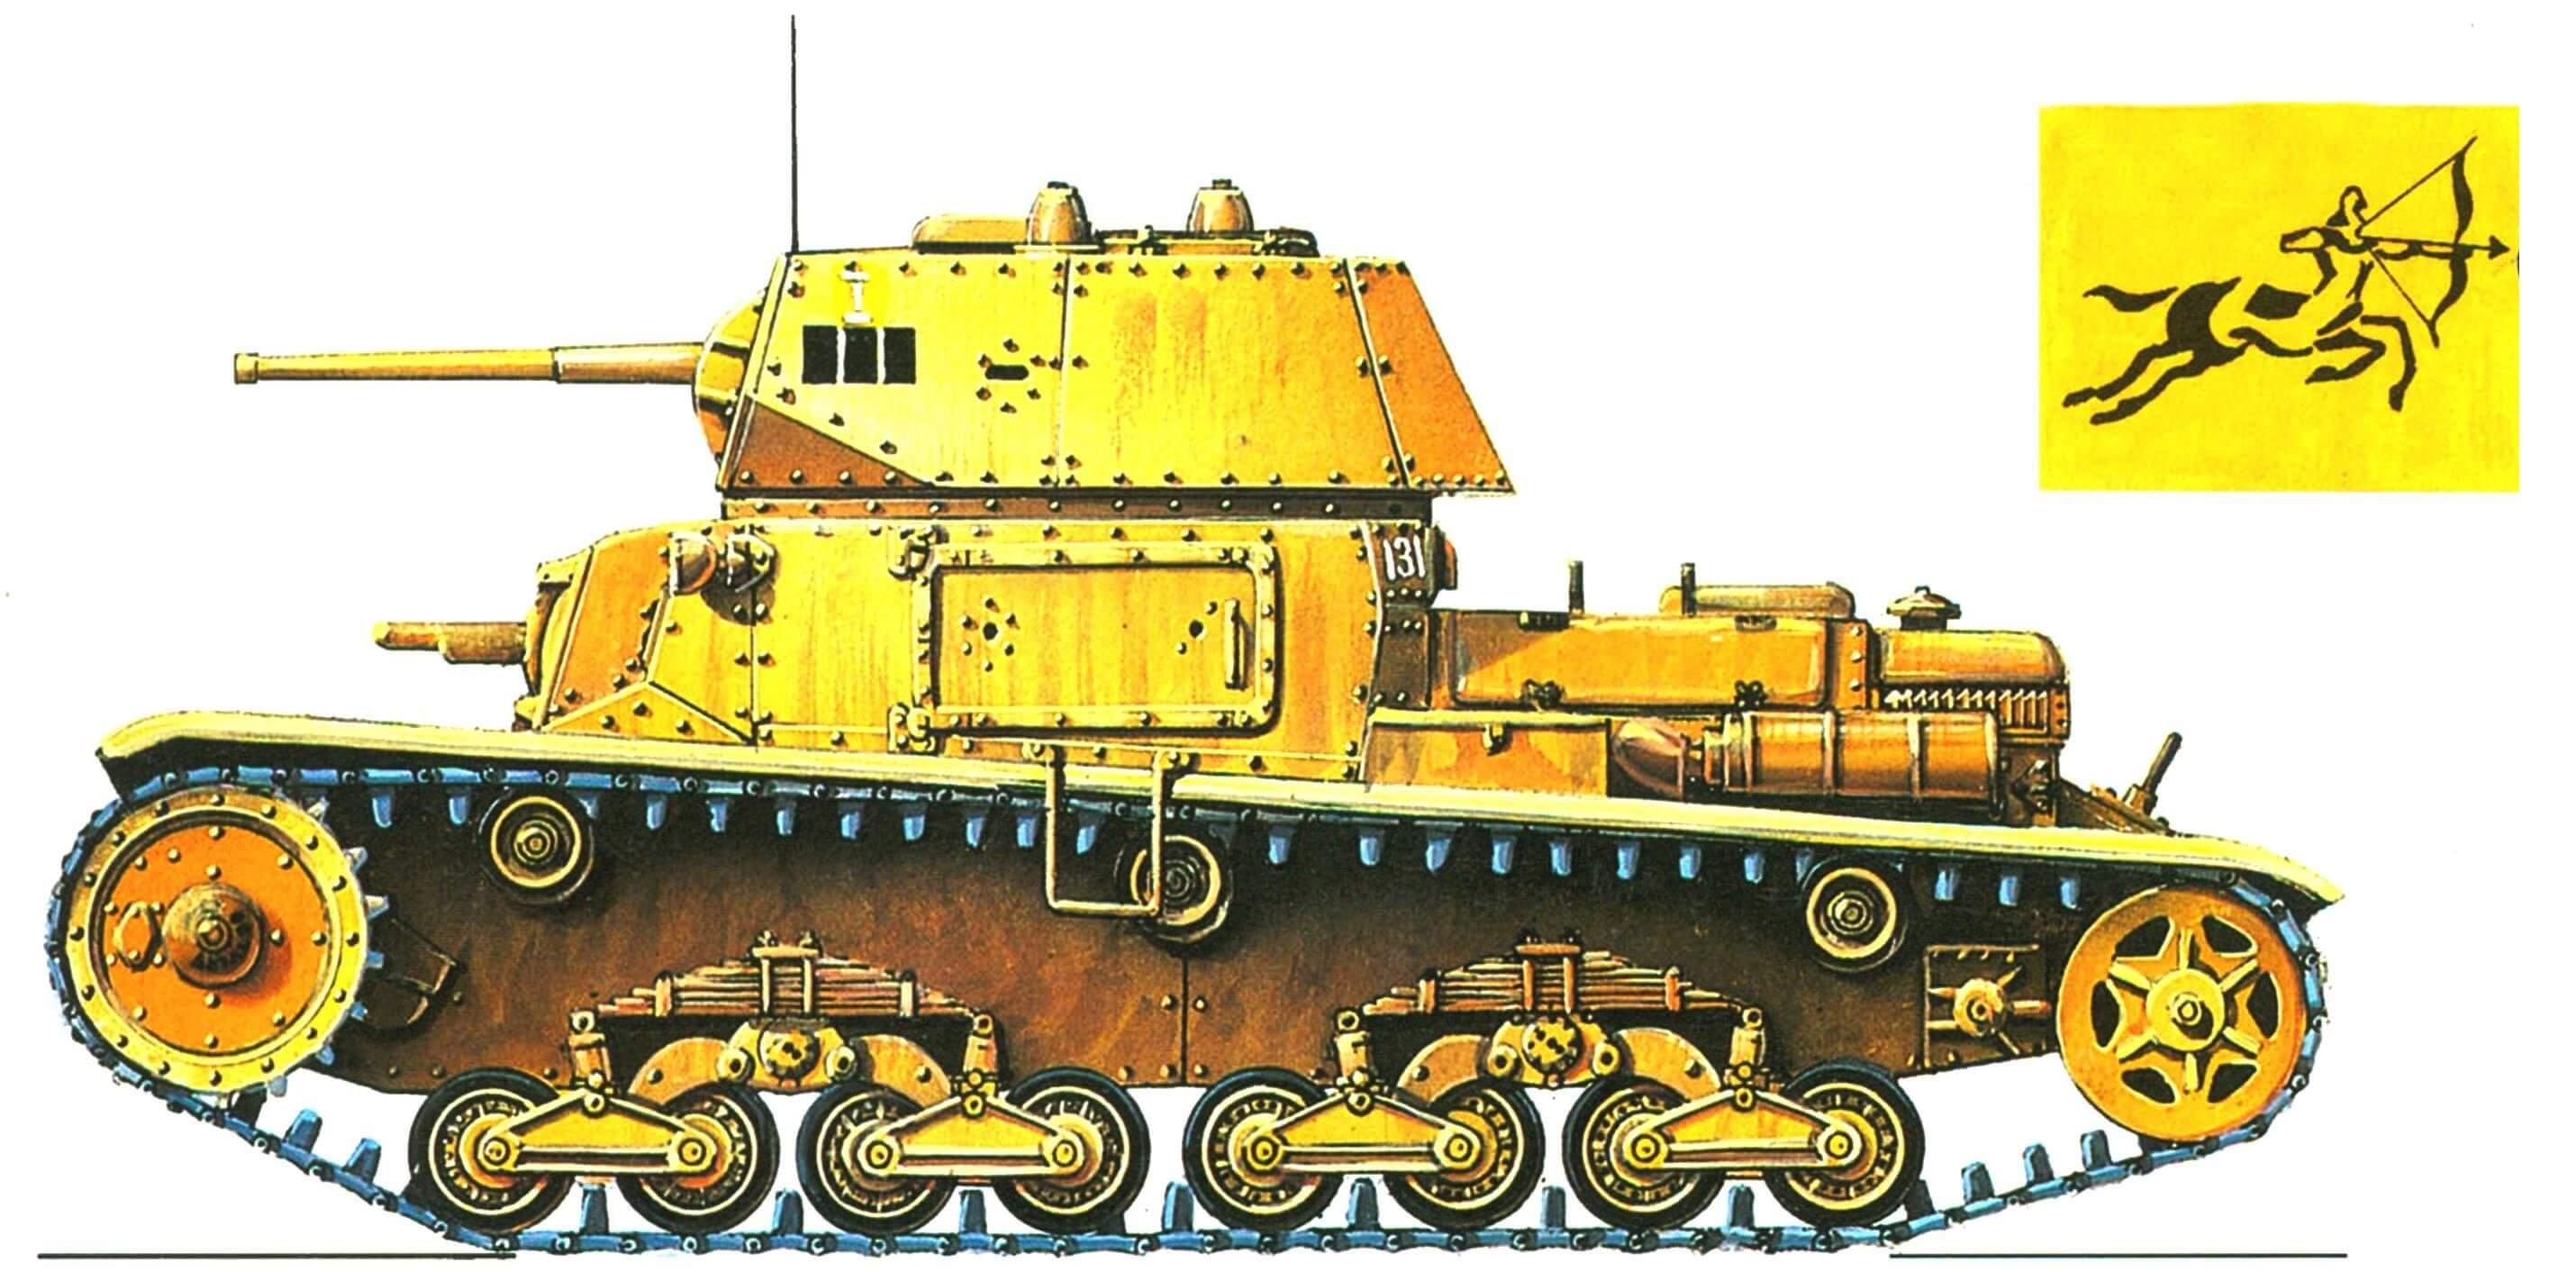 Carro Armato М13/40. 2-й взвод 1-го батальона 131-го полка танковой дивизии «Чентауро» (Centauro), 1942 год,